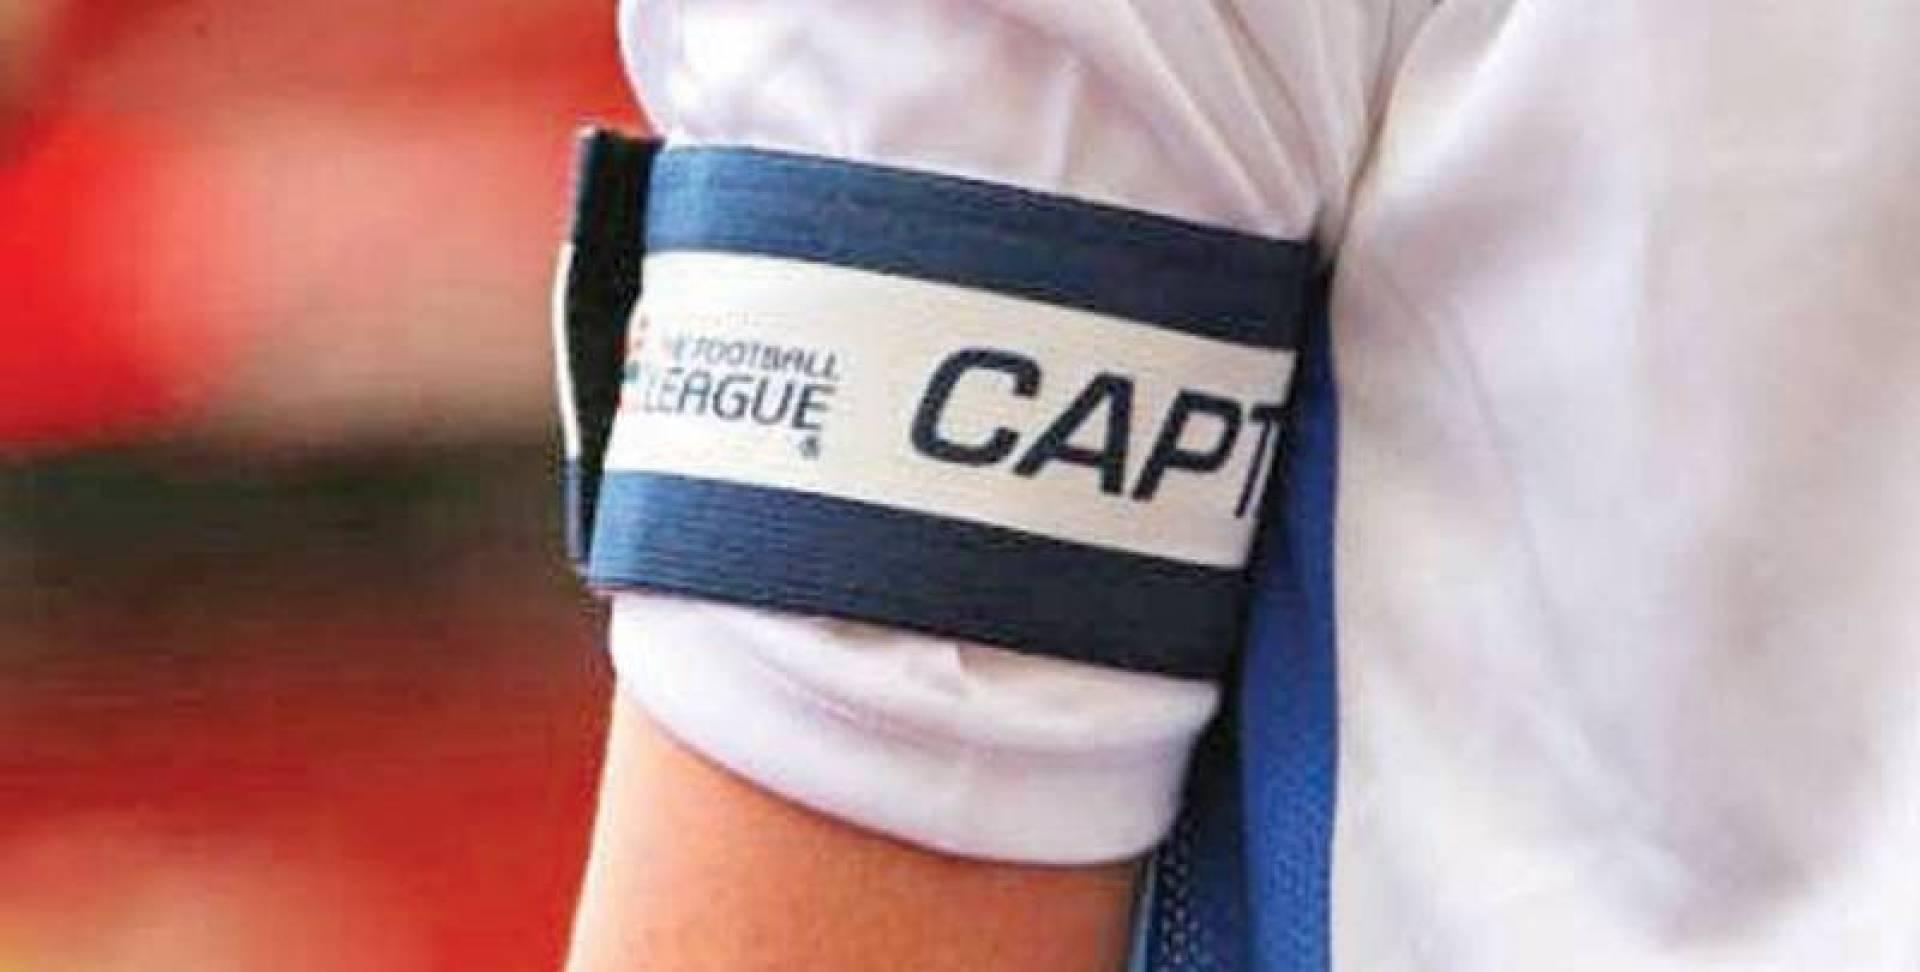 ما سبب ارتداء شارة «الكابتن» بالذراع اليسرى ؟!